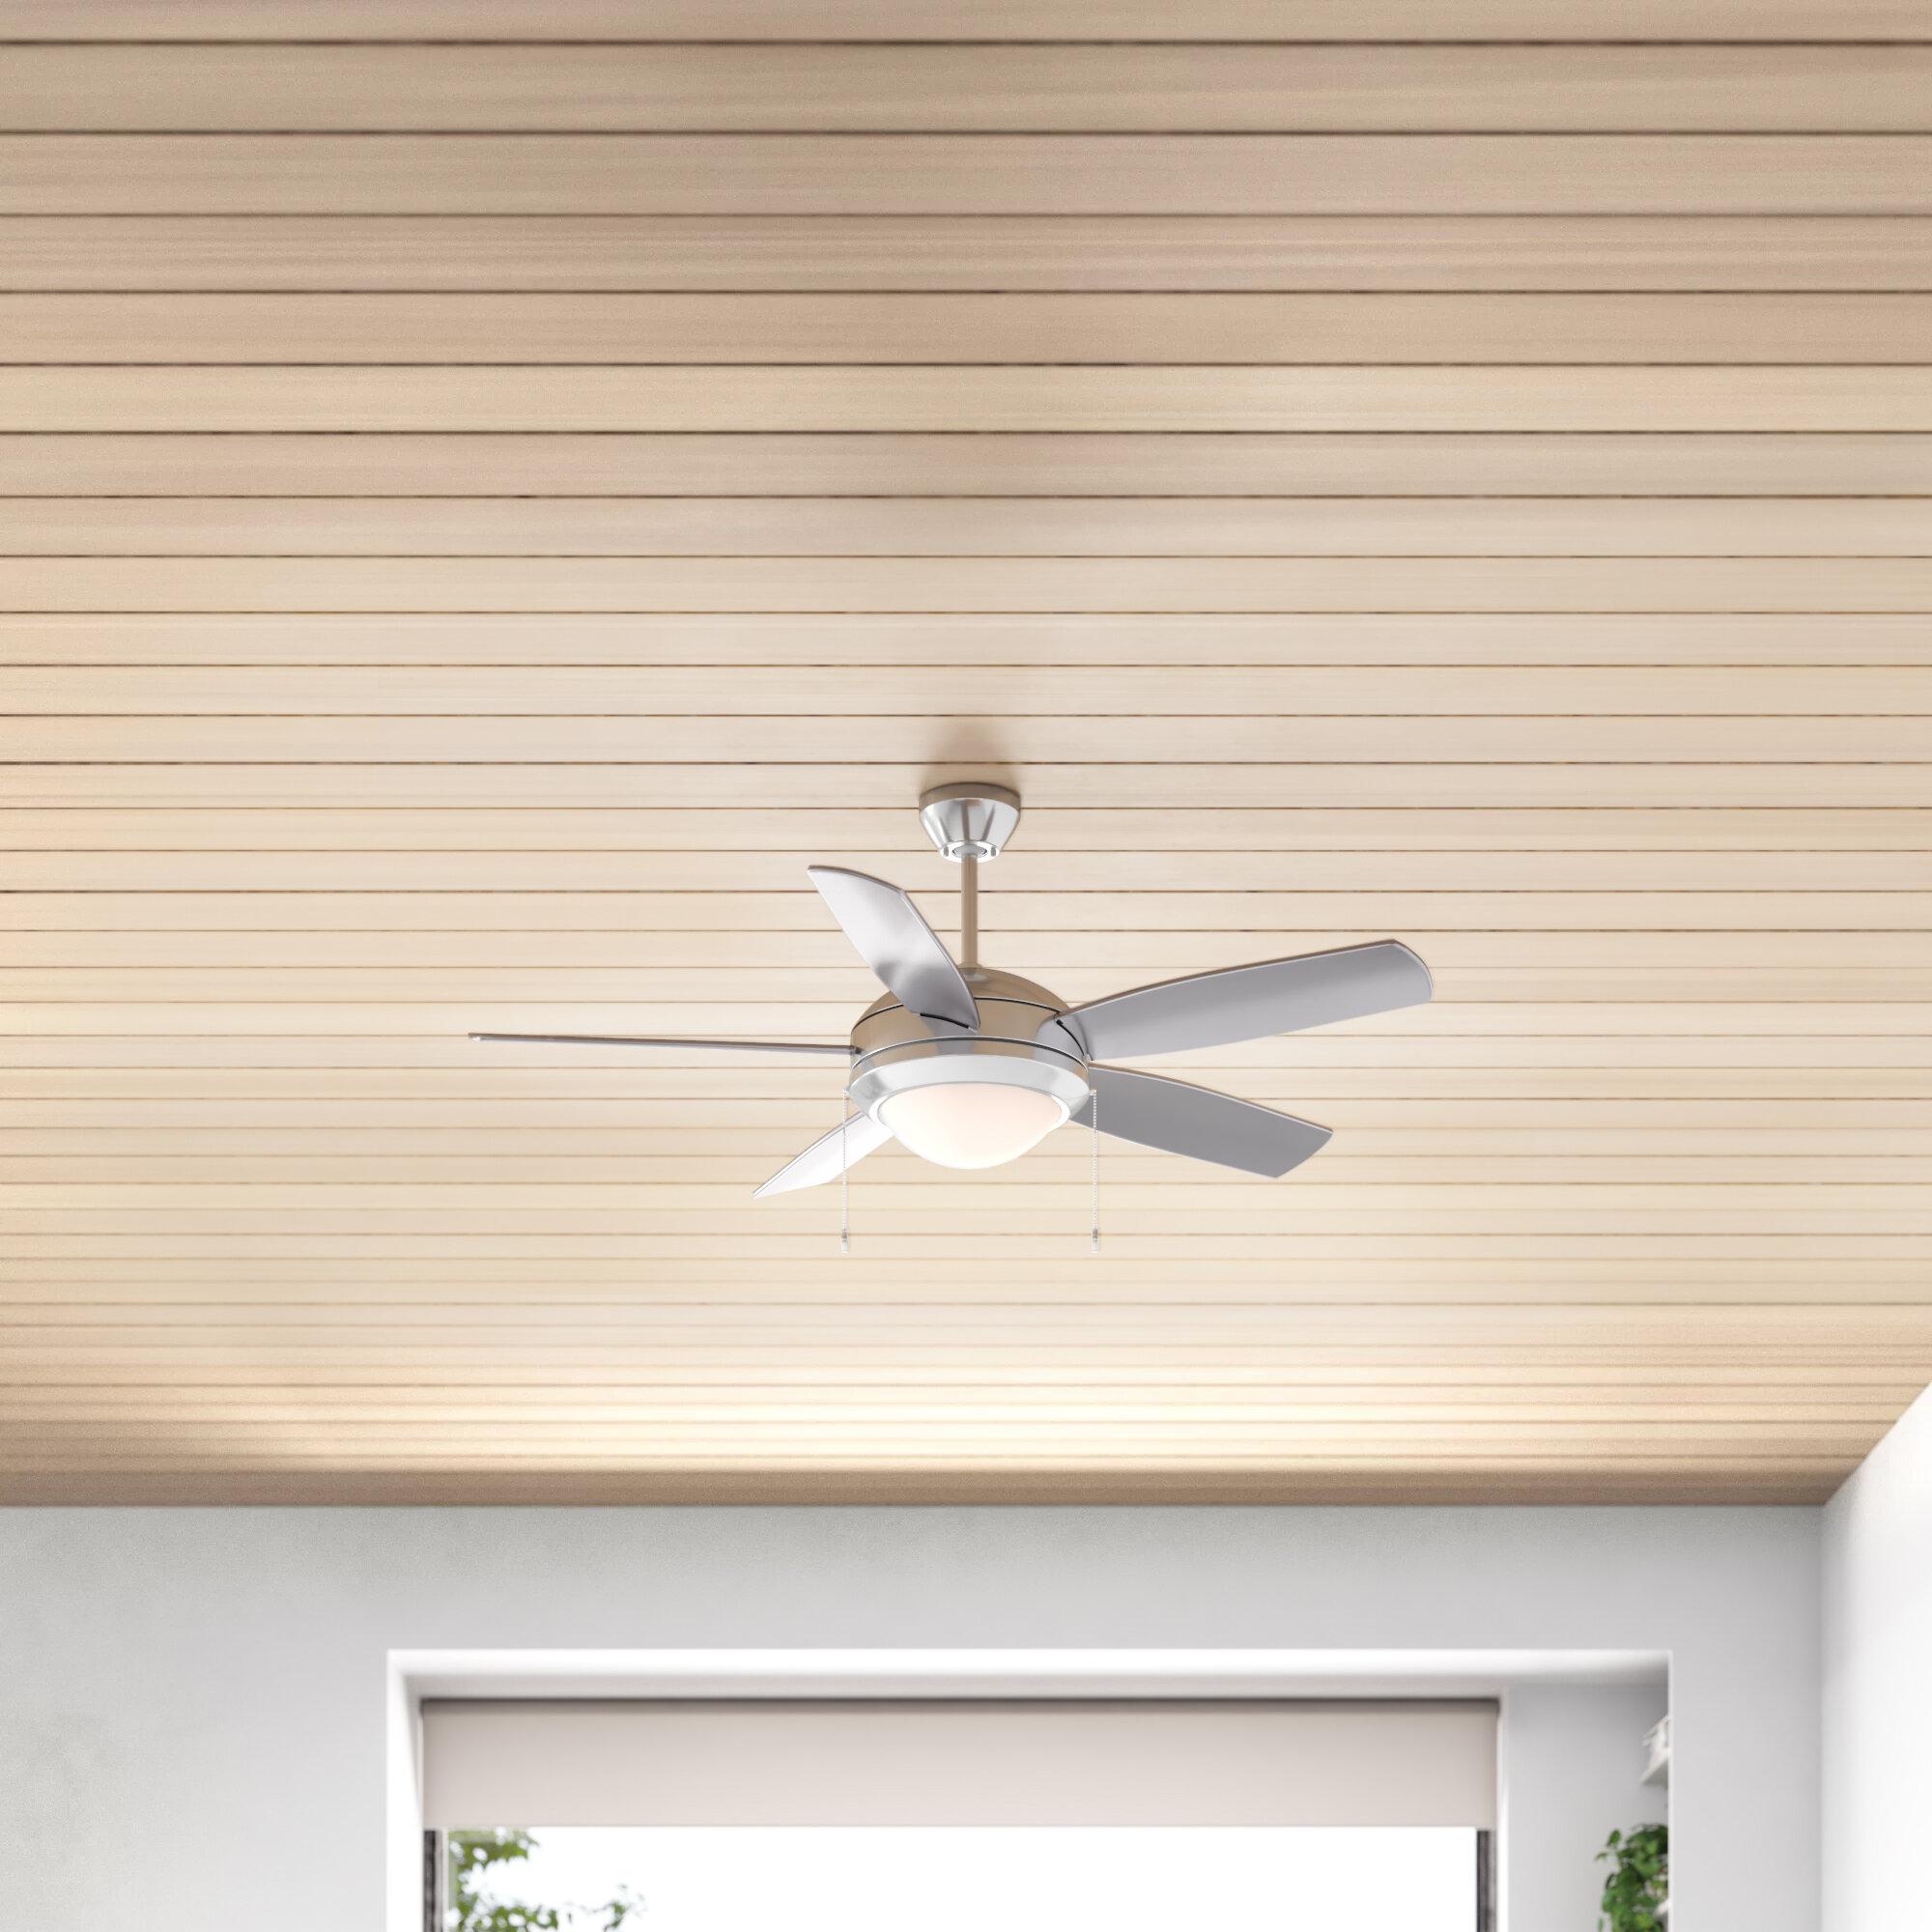 44 Verdell 5 Blade Ceiling Fan Light Kit Included Reviews Allmodern